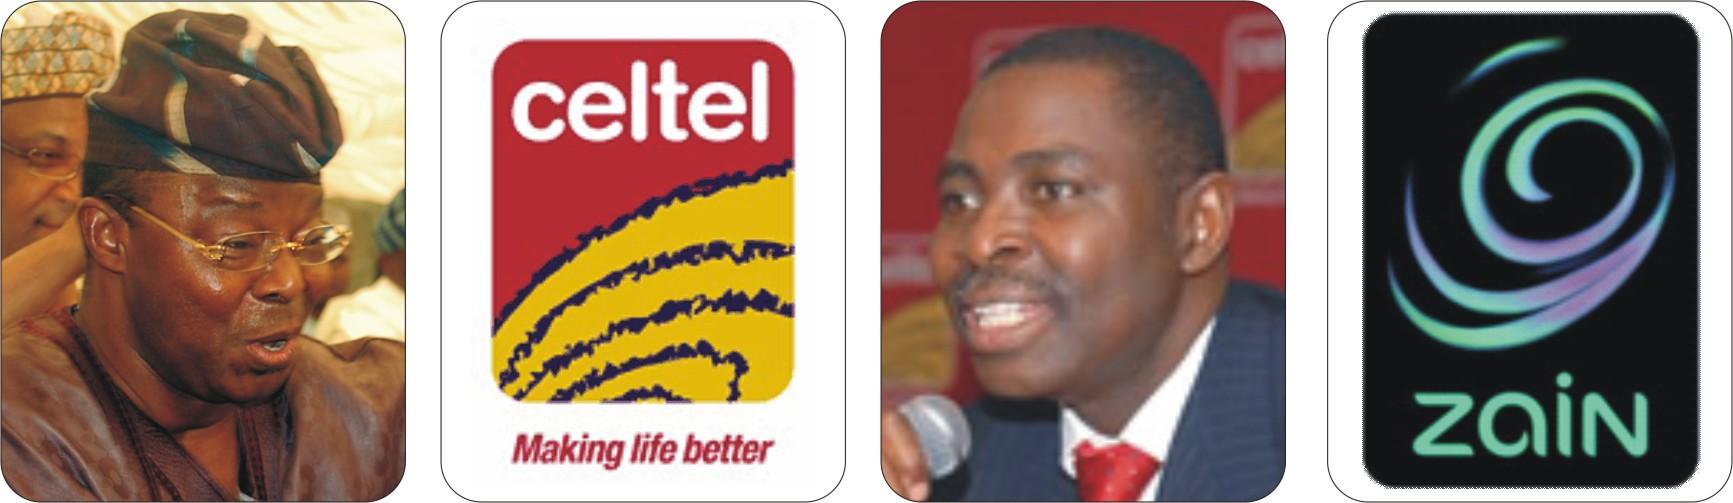 L-R, Oba Otudeko, Celtel logo, Bayo Ligali, Zain logo